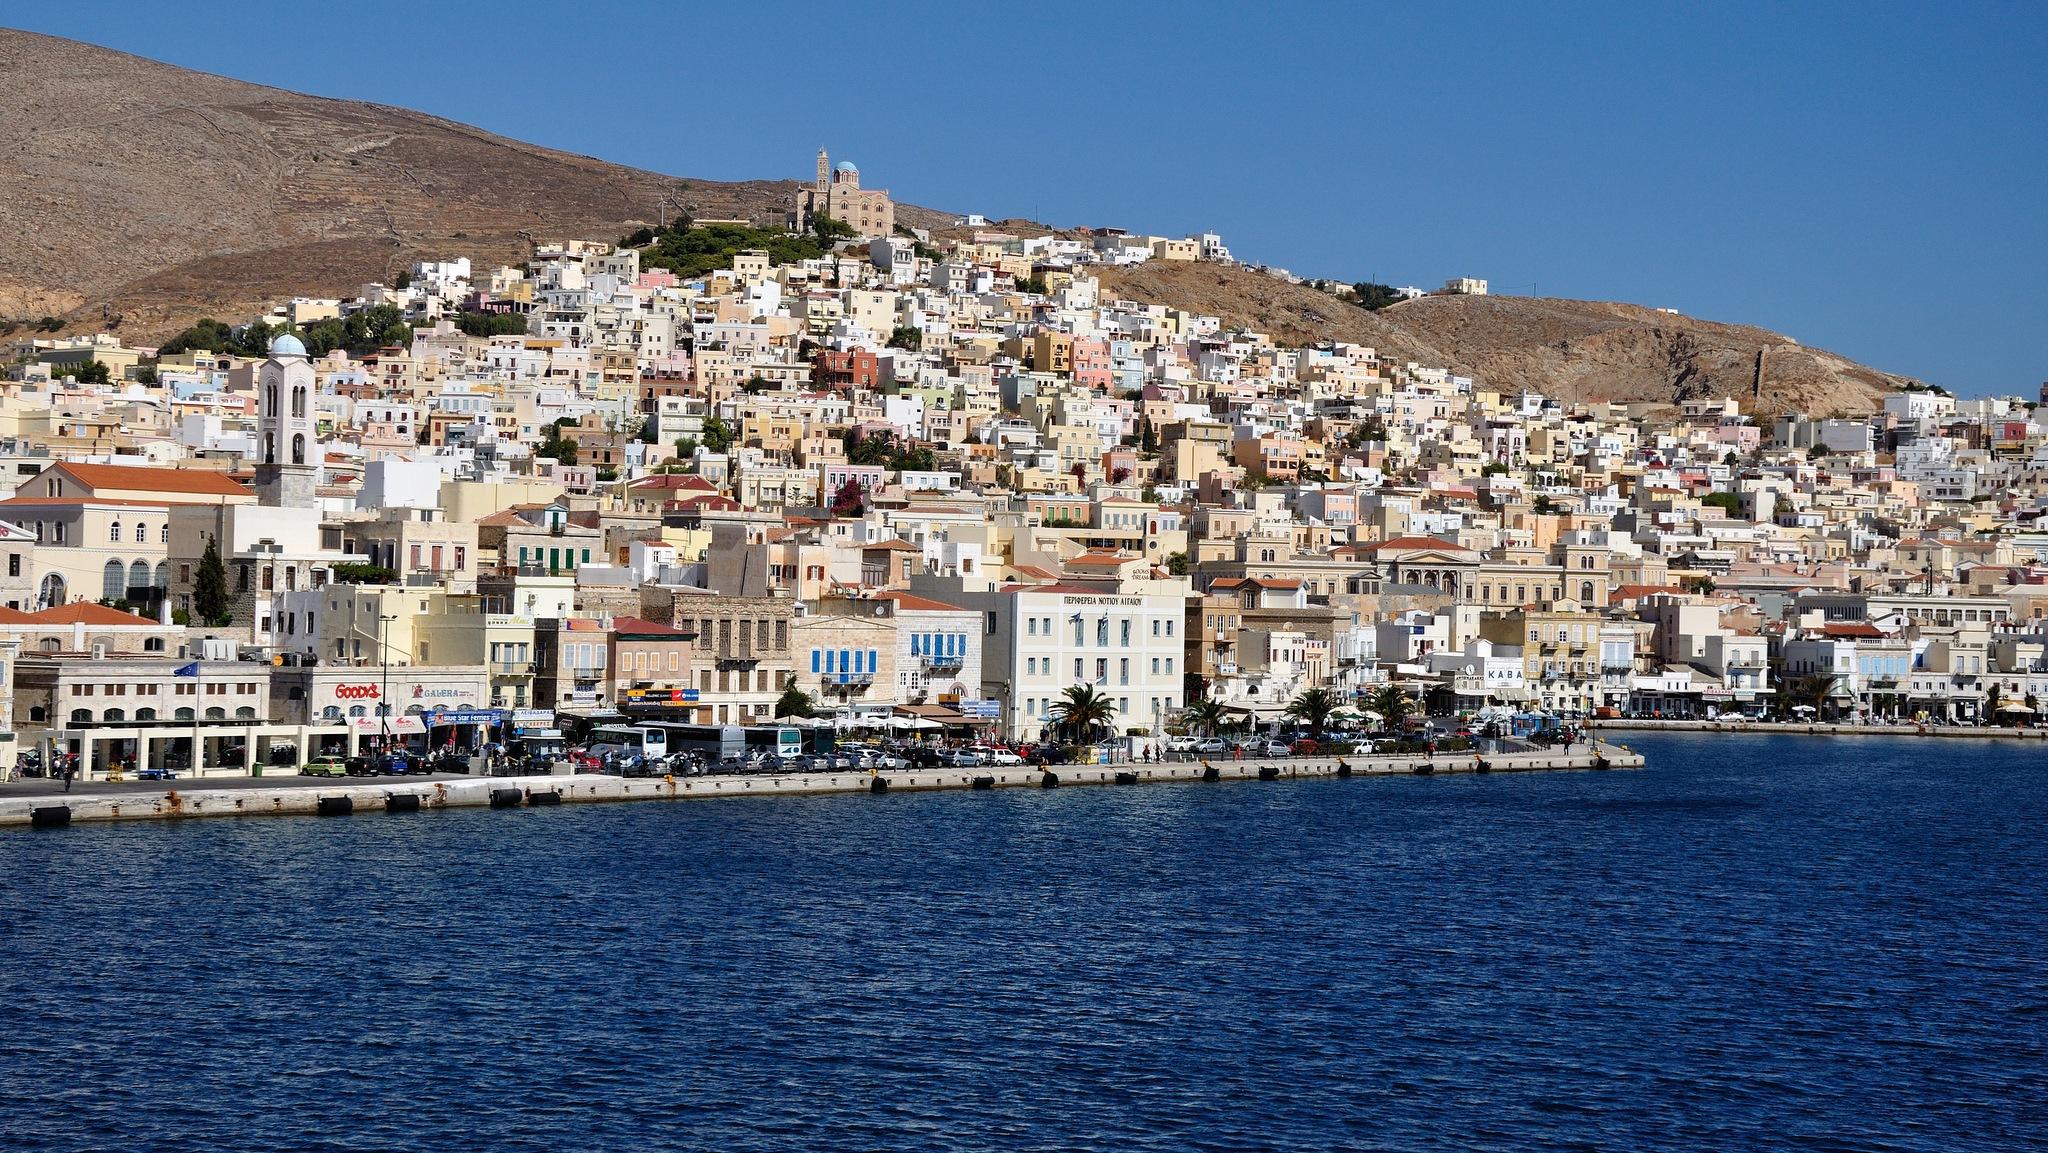 Syros island. by Stamatis Vlahos